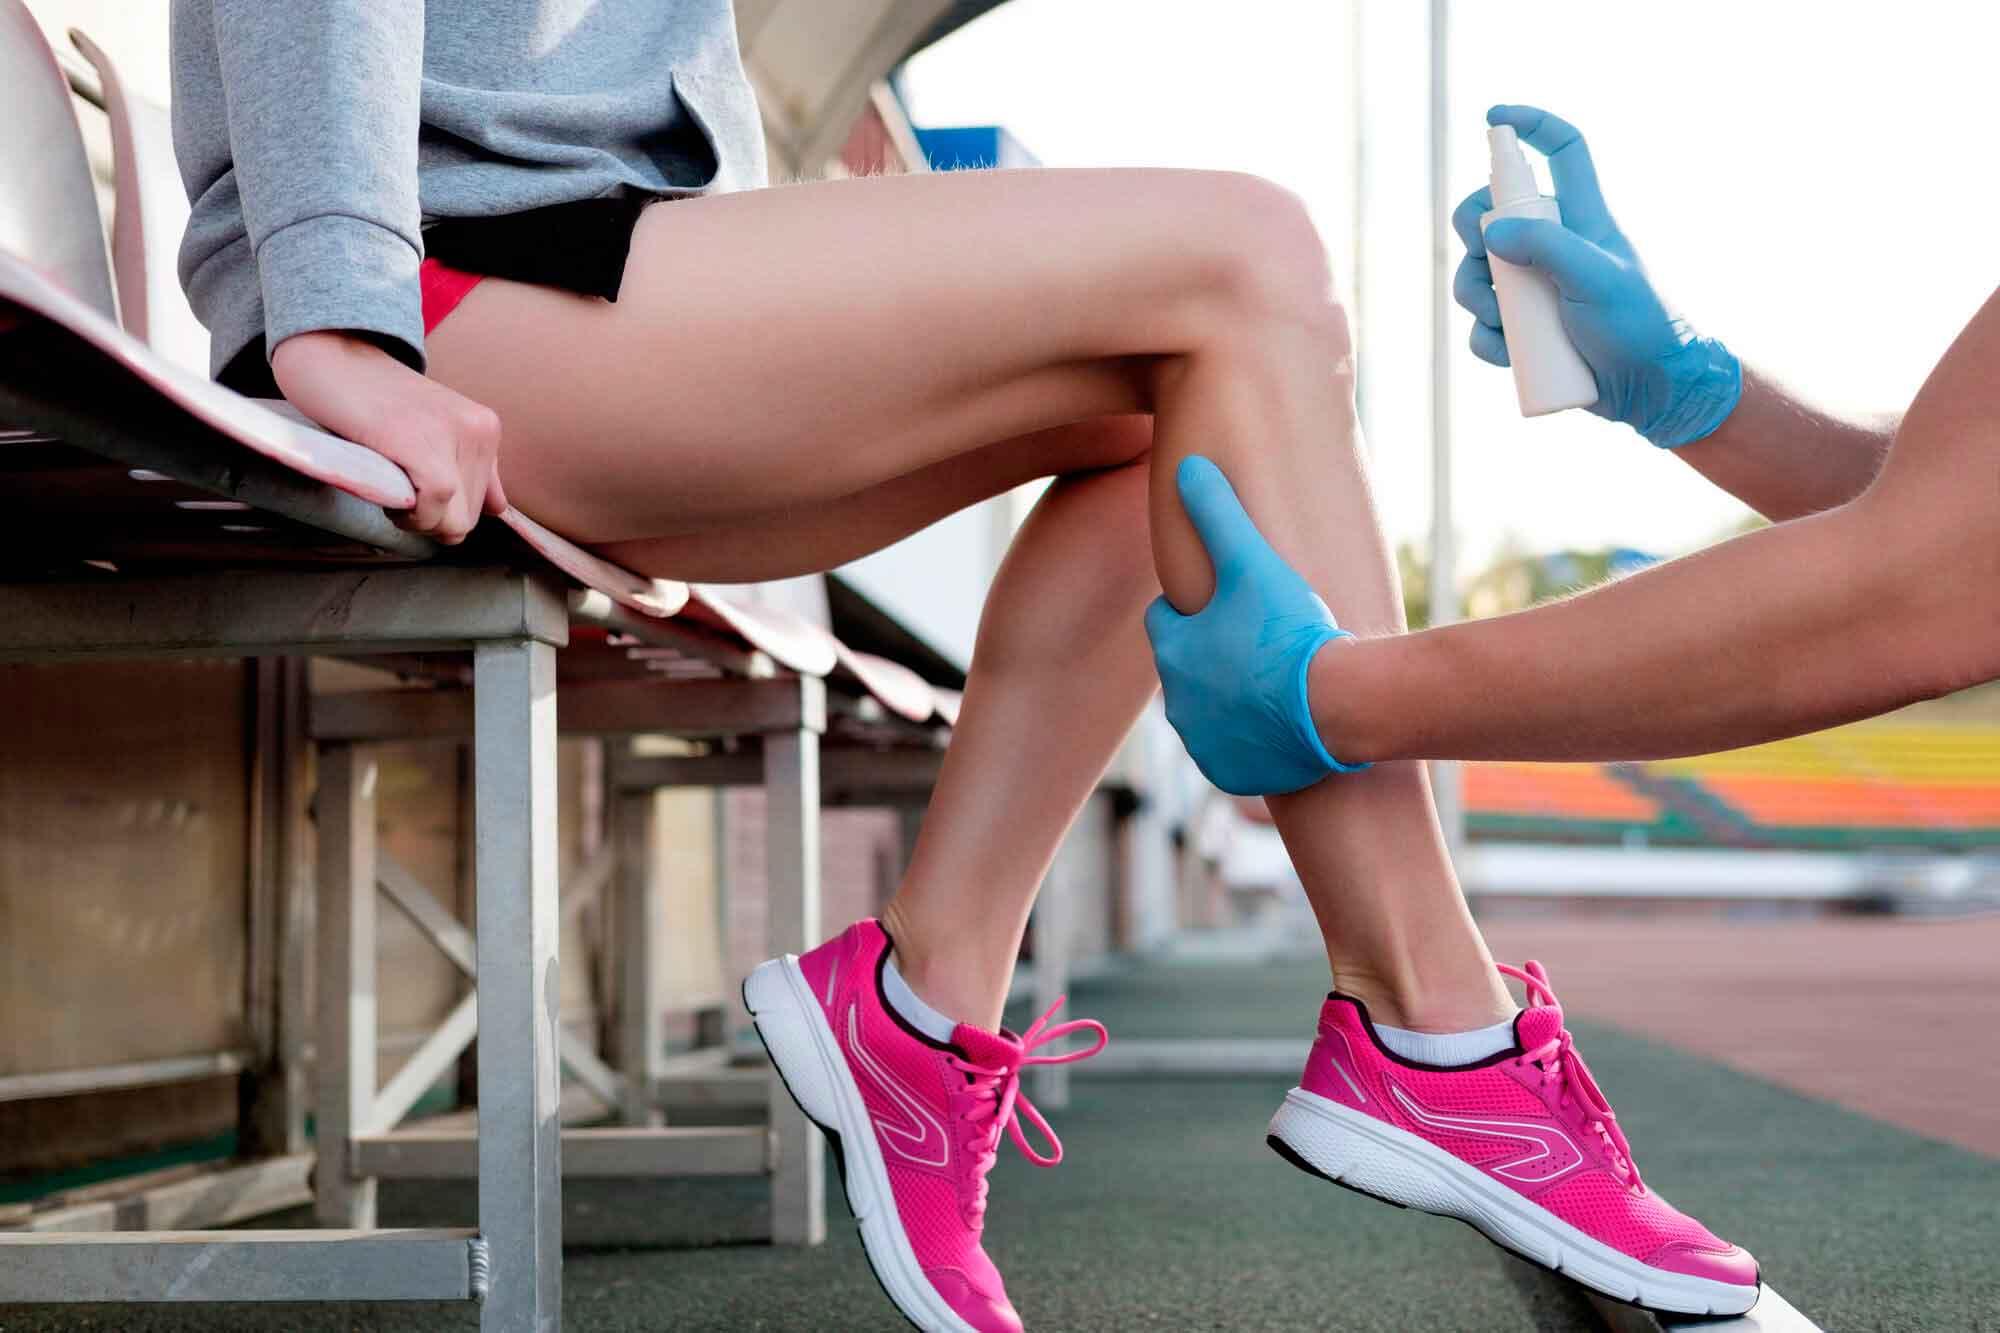 como-tratar-lesoes-musculares